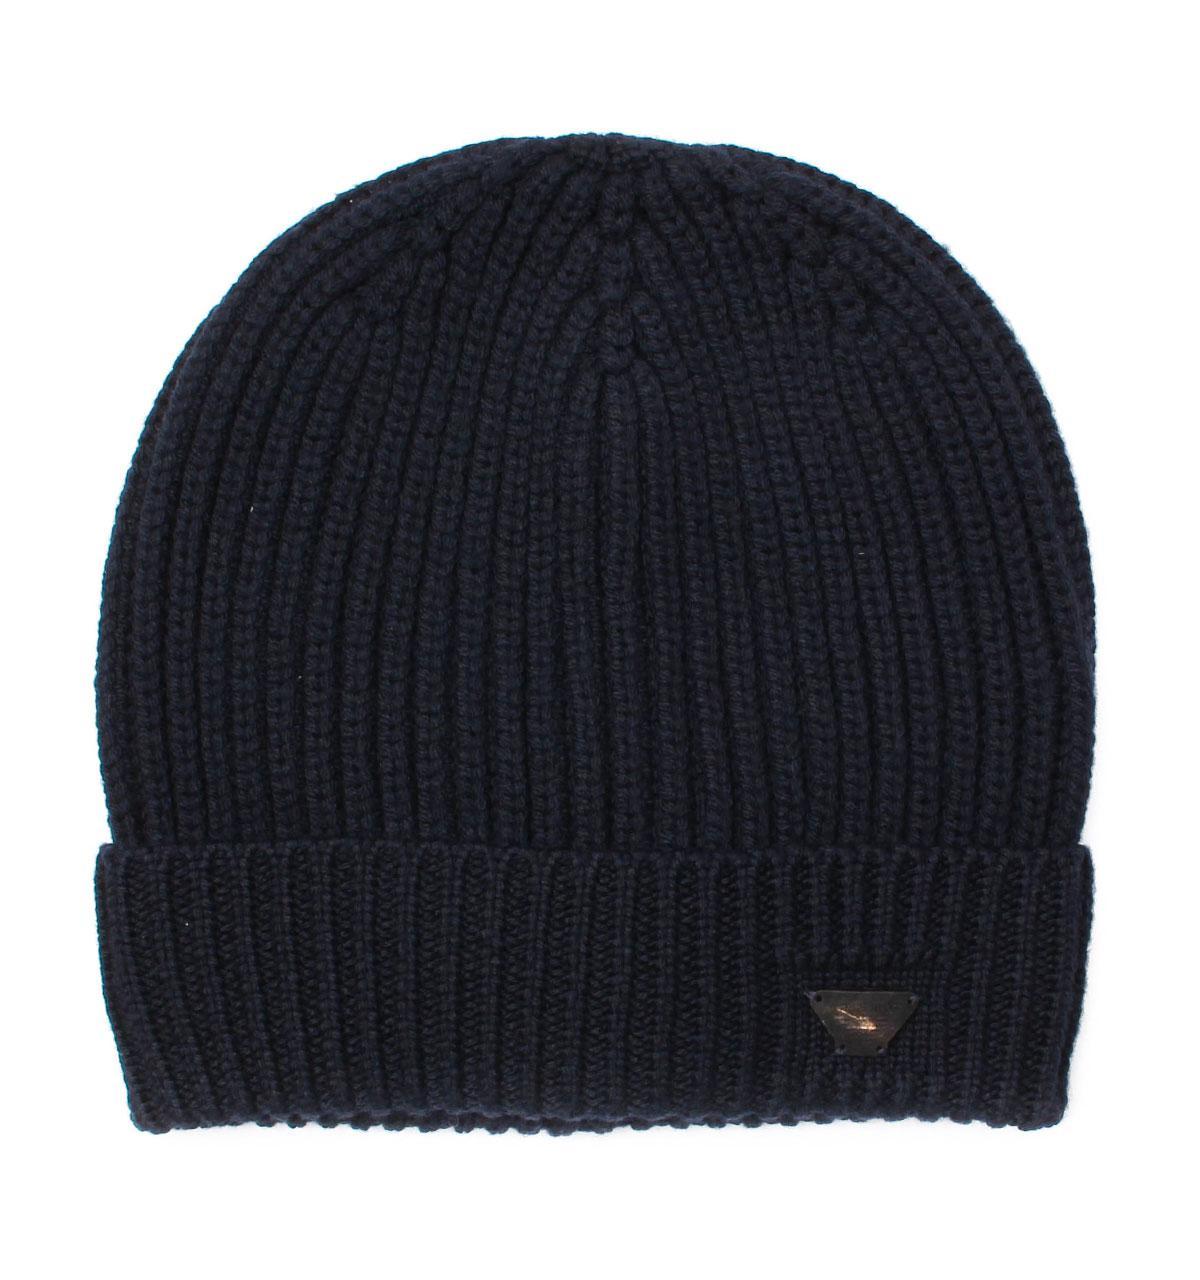 17d9de859b7d8a Armani Jeans Black Woollen Rib Knit Beanie Hat in Black for Men - Lyst